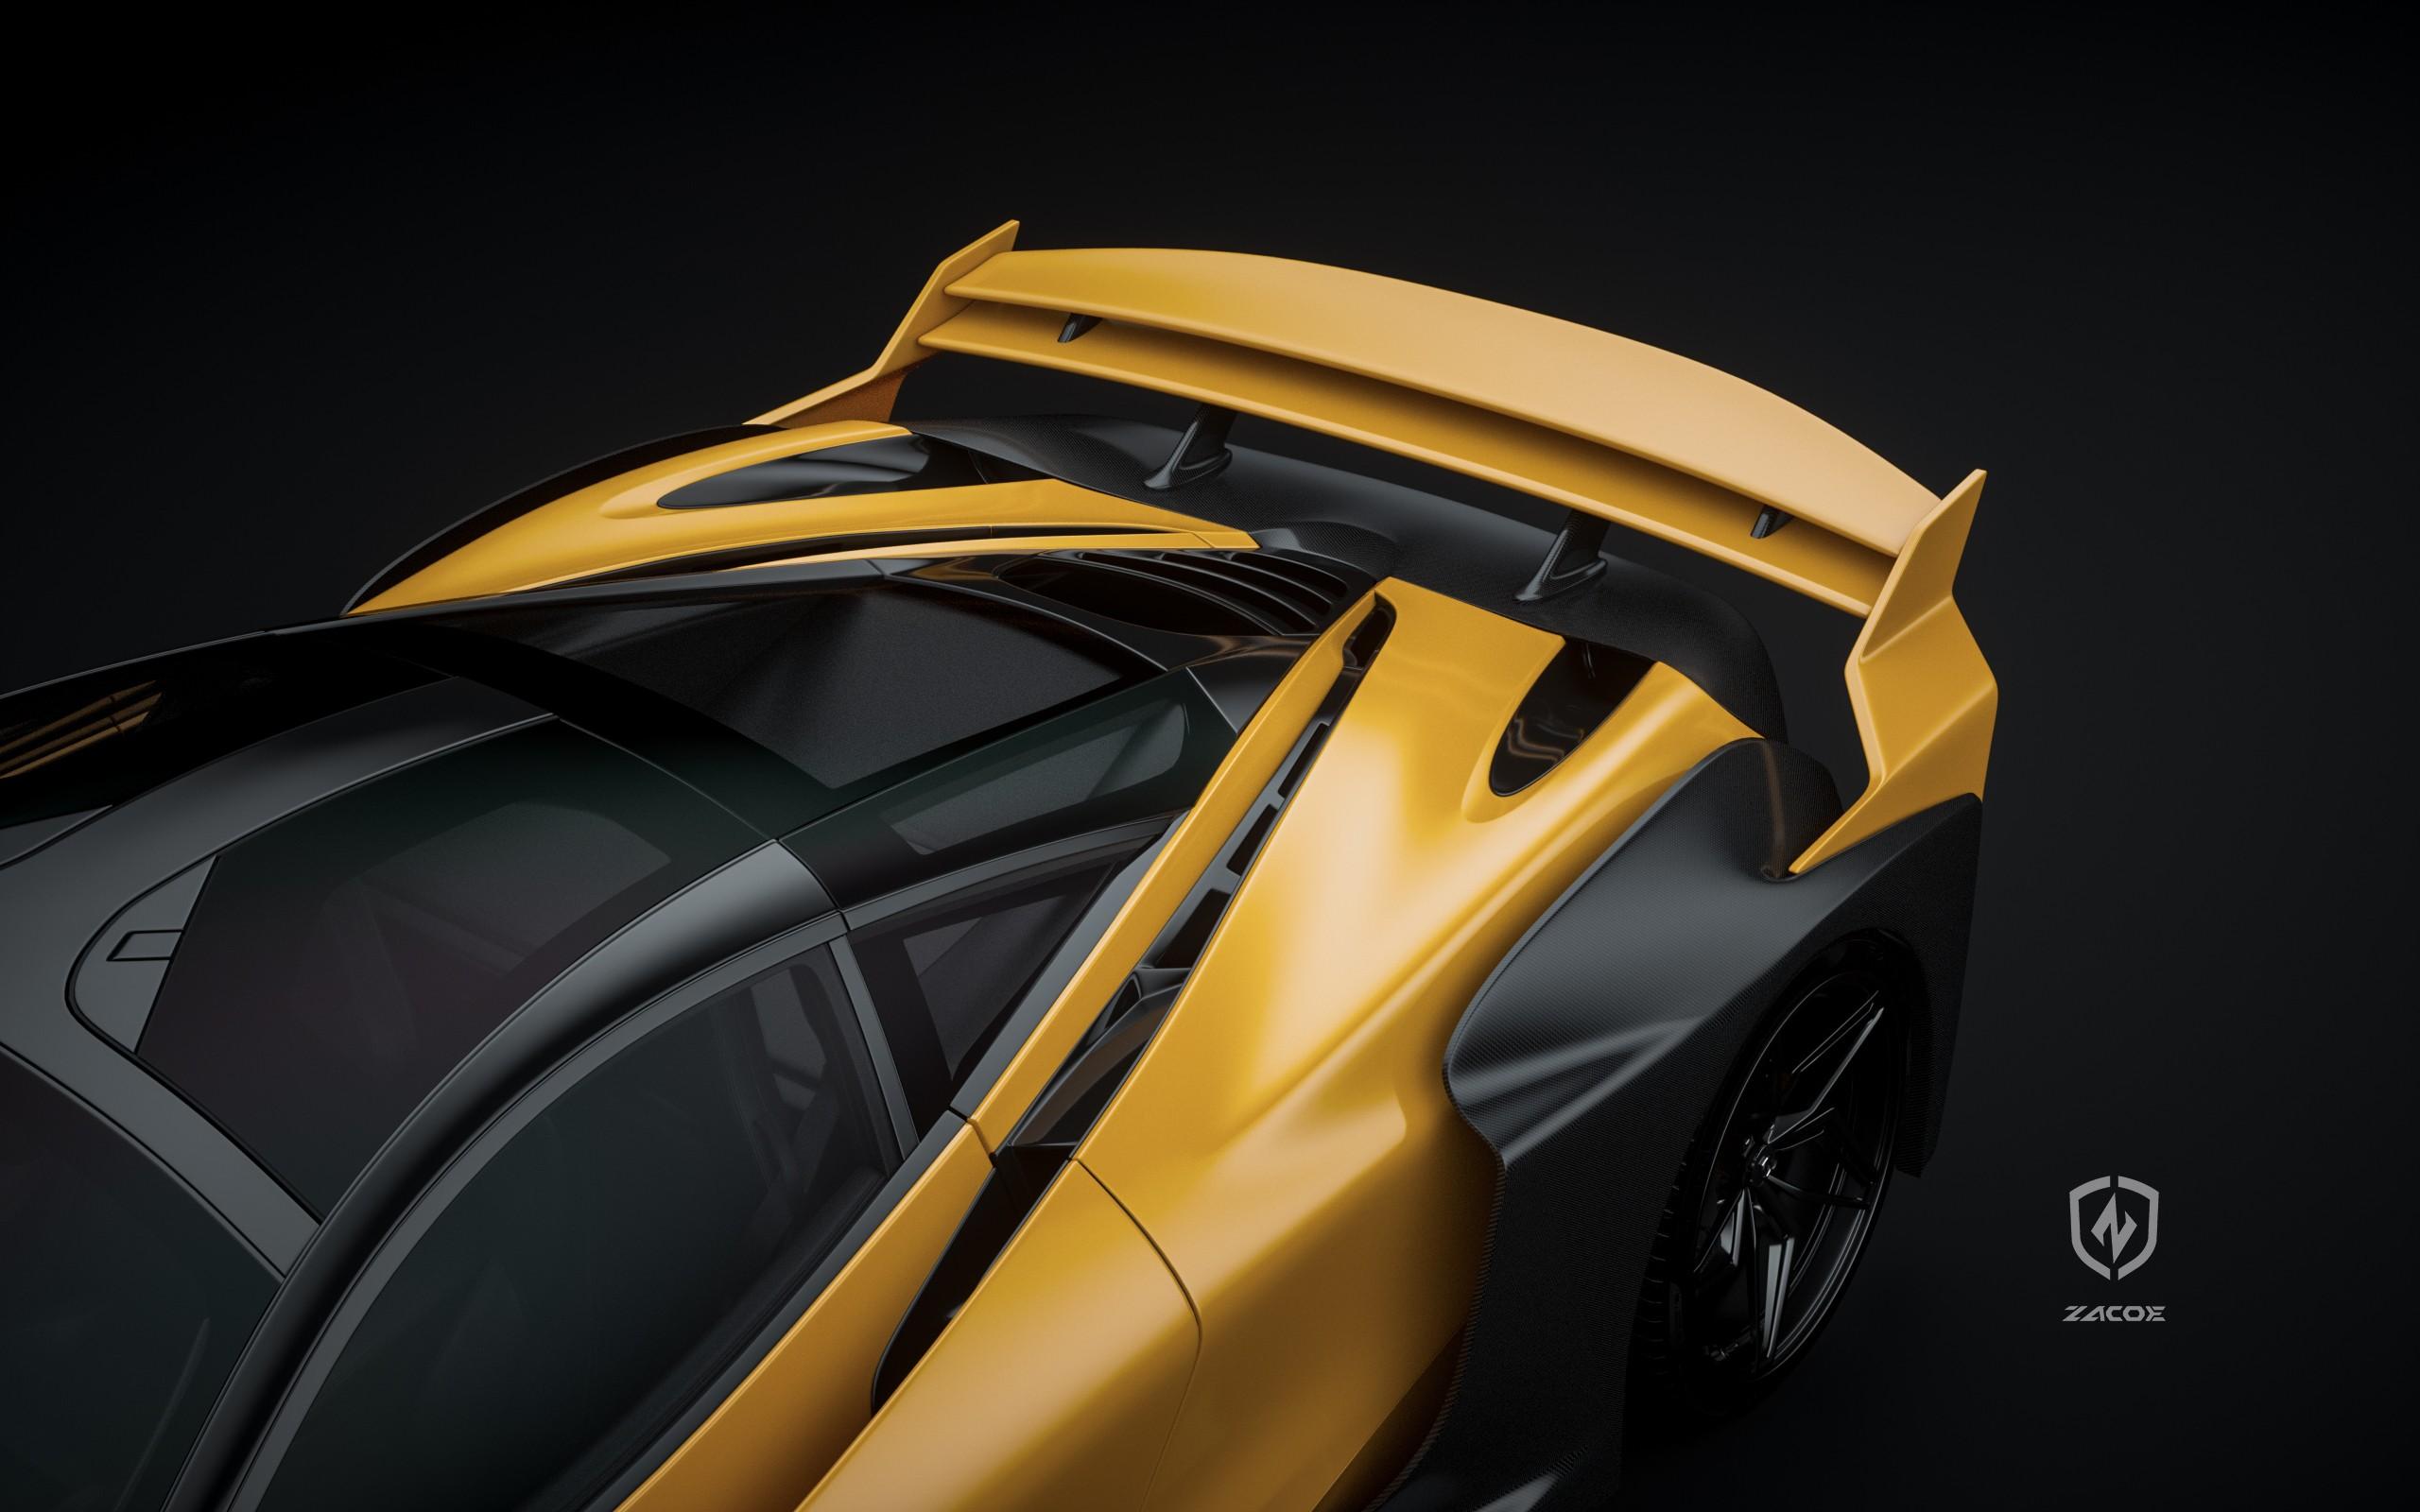 McLaren-720S-by-Zacoe-10